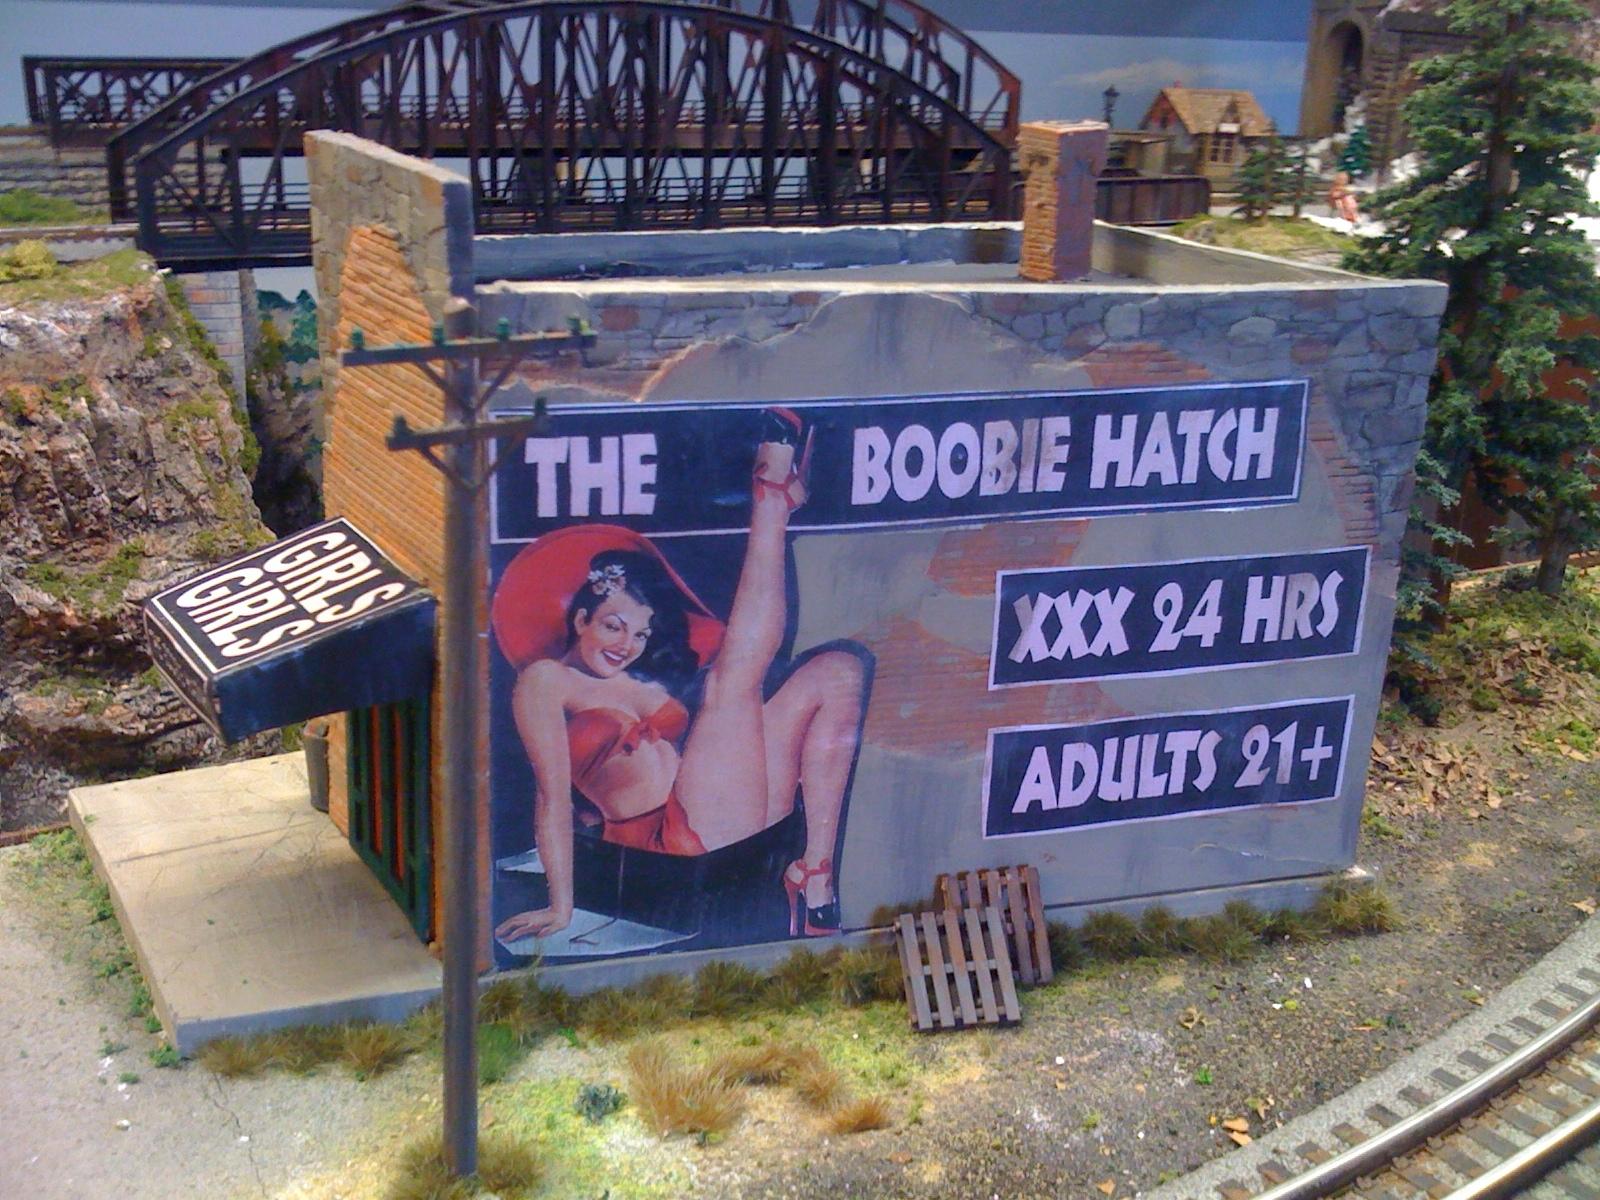 Boobie Hatch